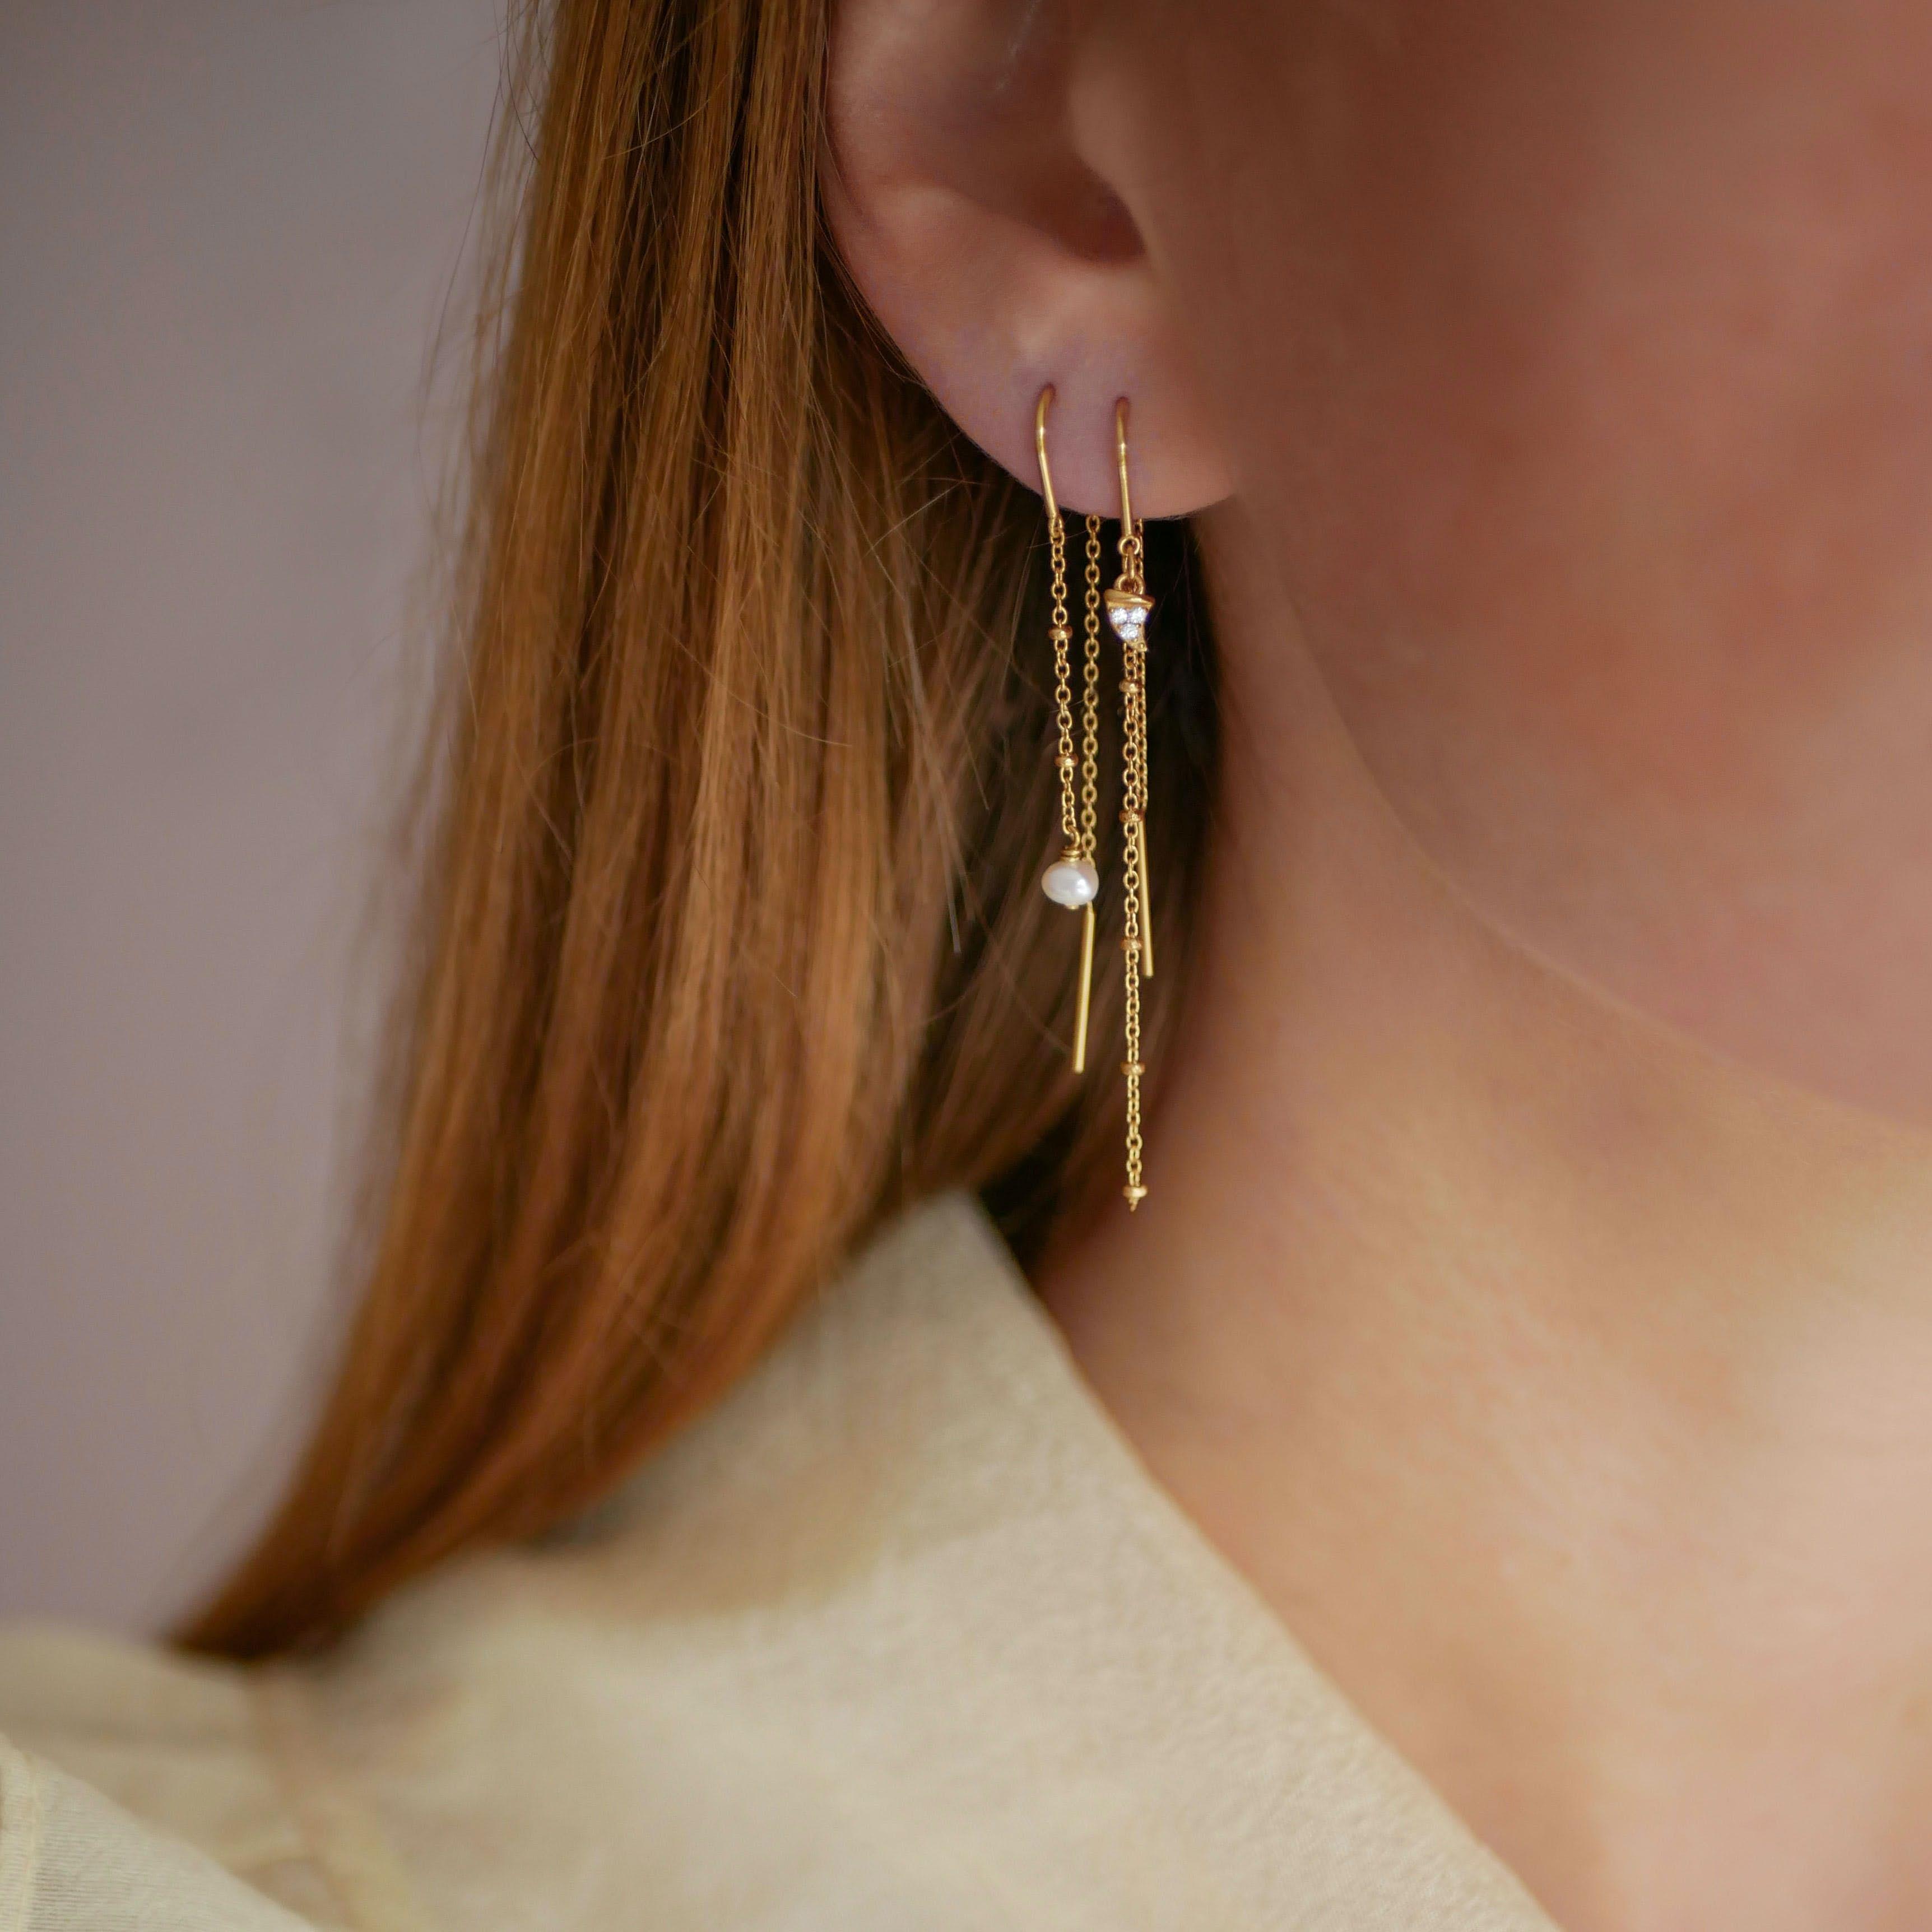 Lilja Earrings Solid from Enamel Copenhagen in Goldplated-Silver Sterling 925